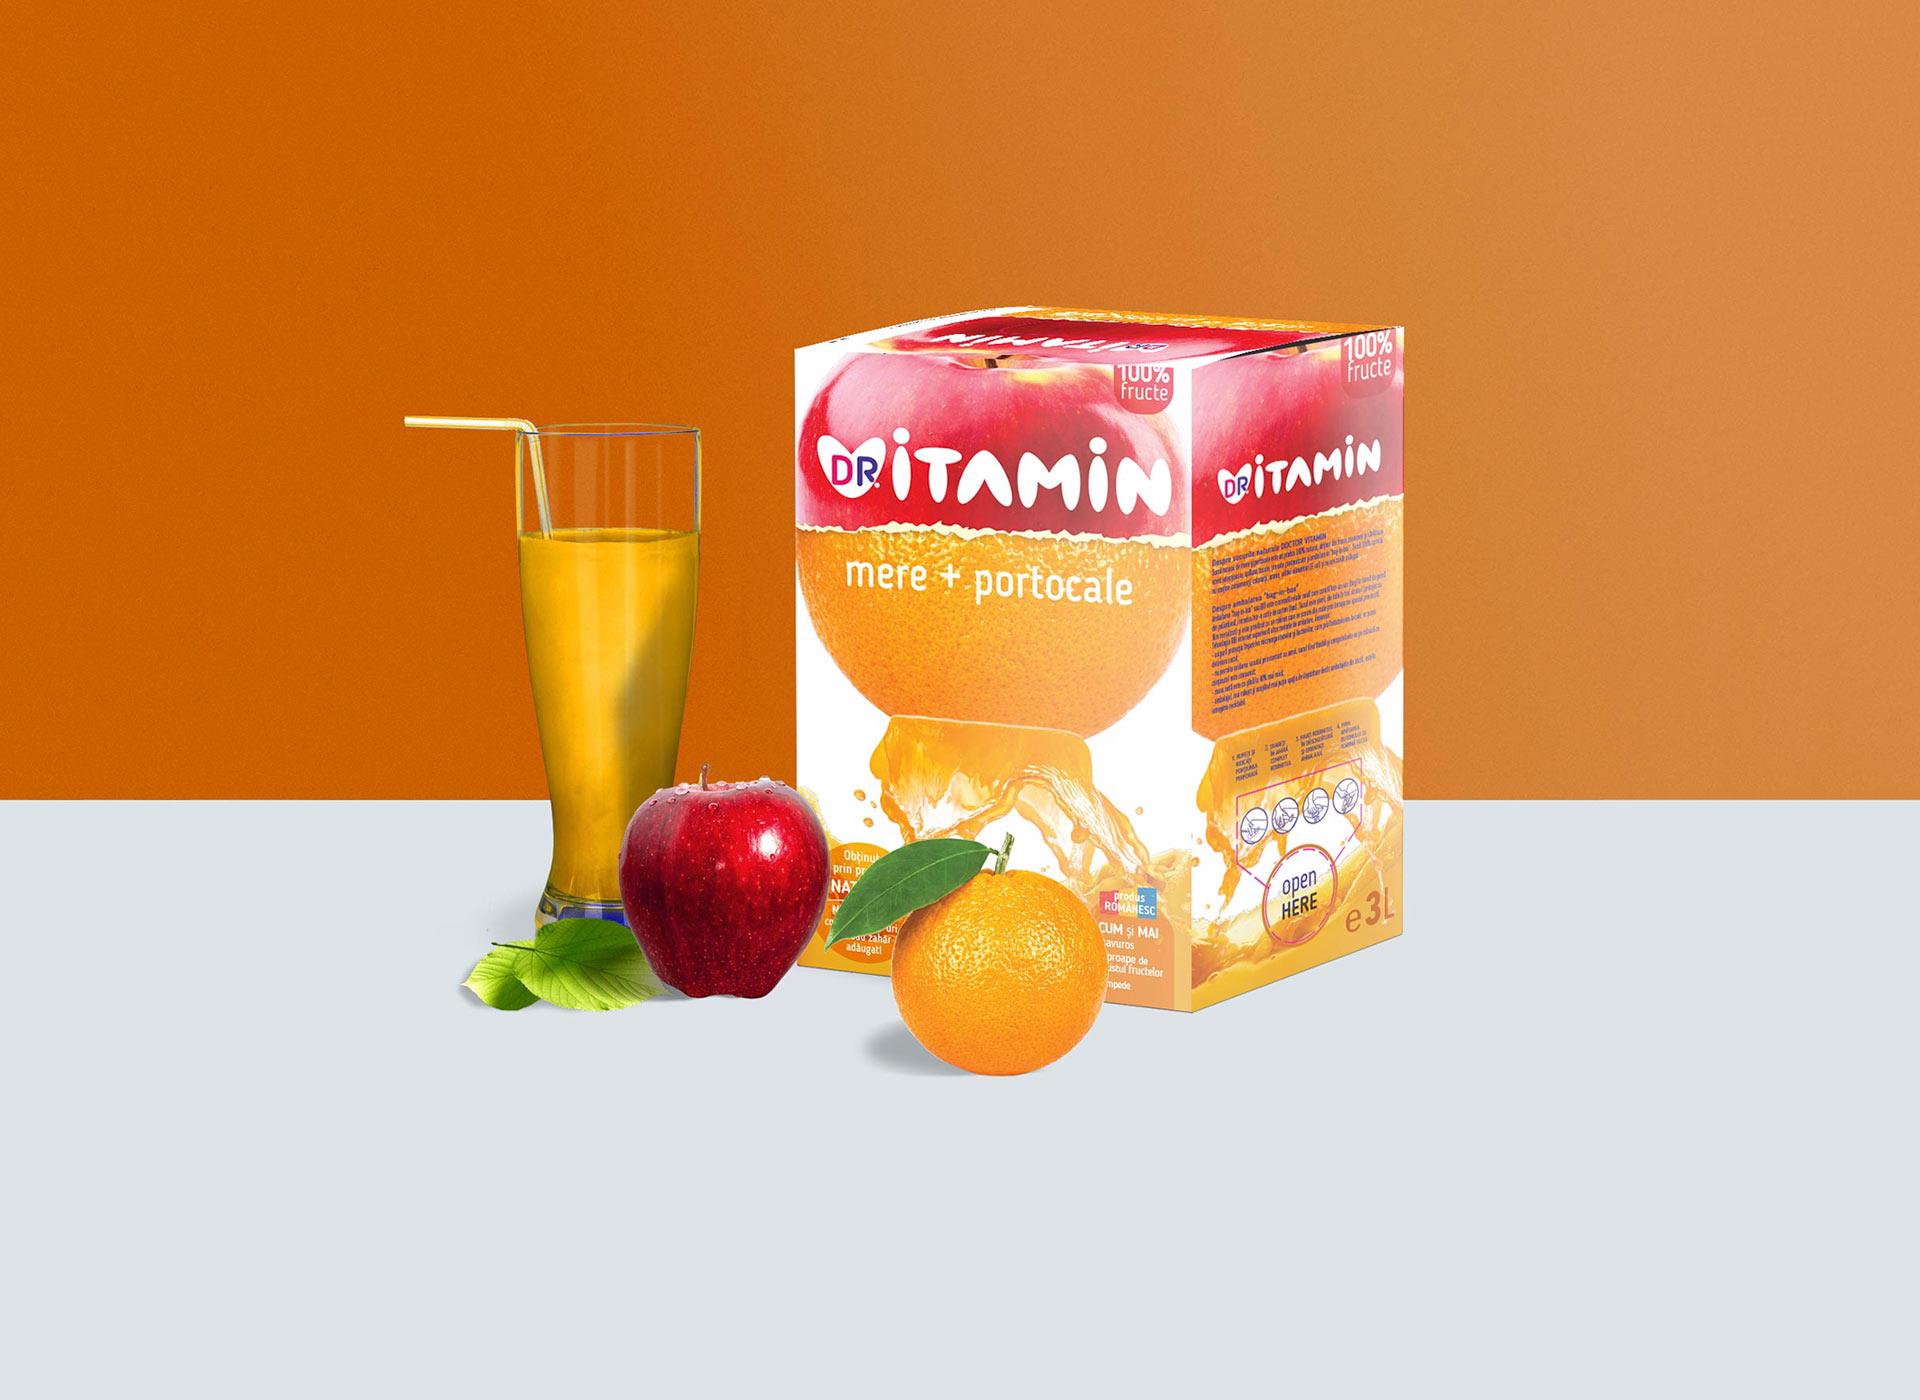 Dr. Vitamin